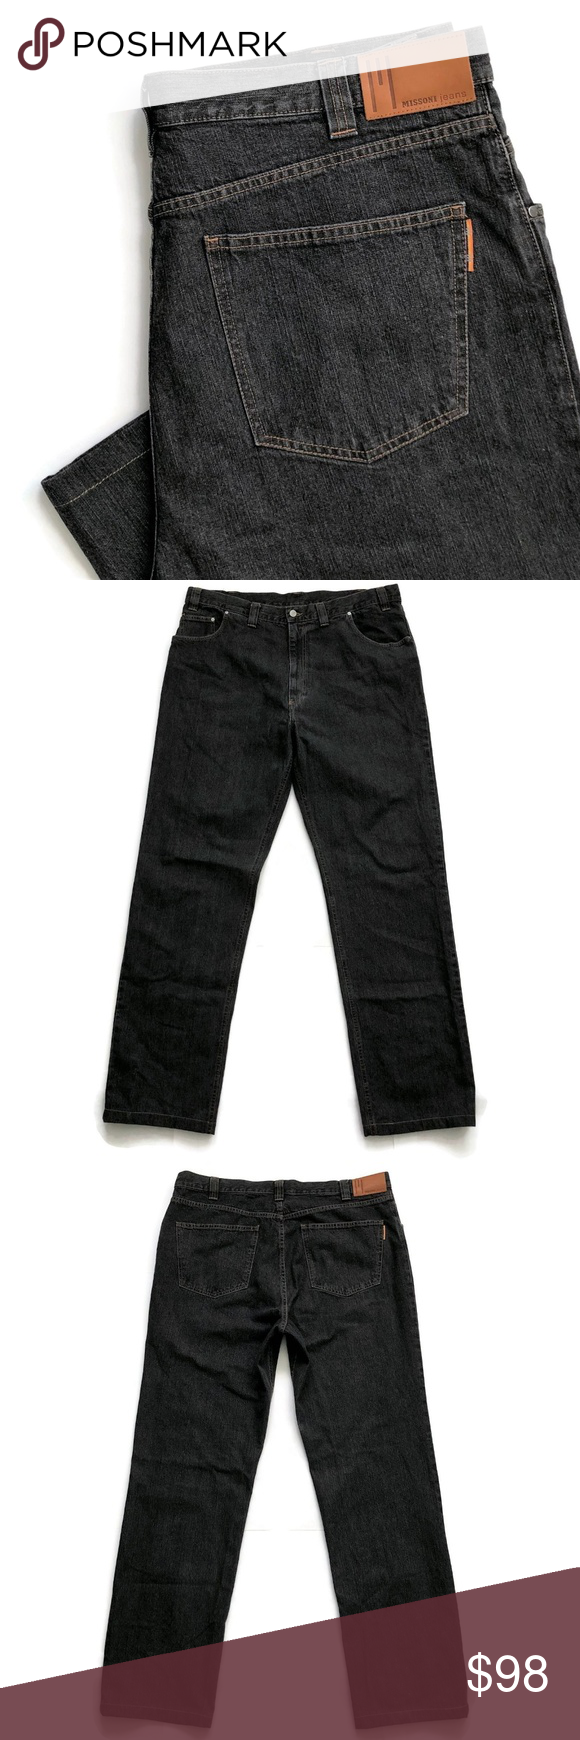 49668432 Missoni Jeans Size 42 x 36 Rochester Big Tall Missoni Men's Designer Jeans  Size 42 x 36 Rochester Straight Black Denim Italy Brand: Missoni Tag Size:  42 ...